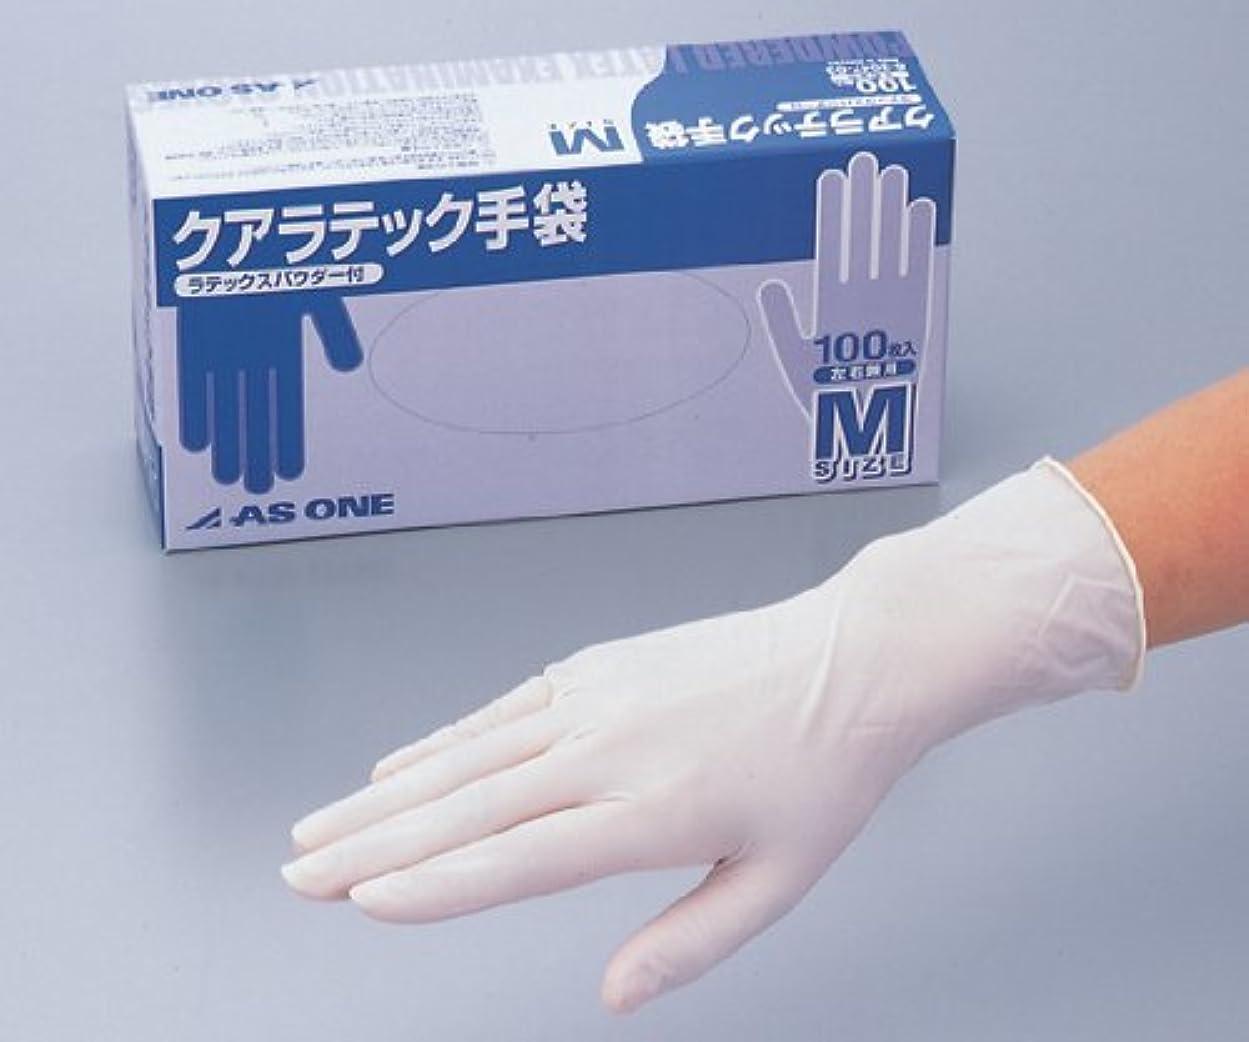 執着ましい震えアズワン6-3047-01クアラテック手袋(DXパウダー付き)L100枚入